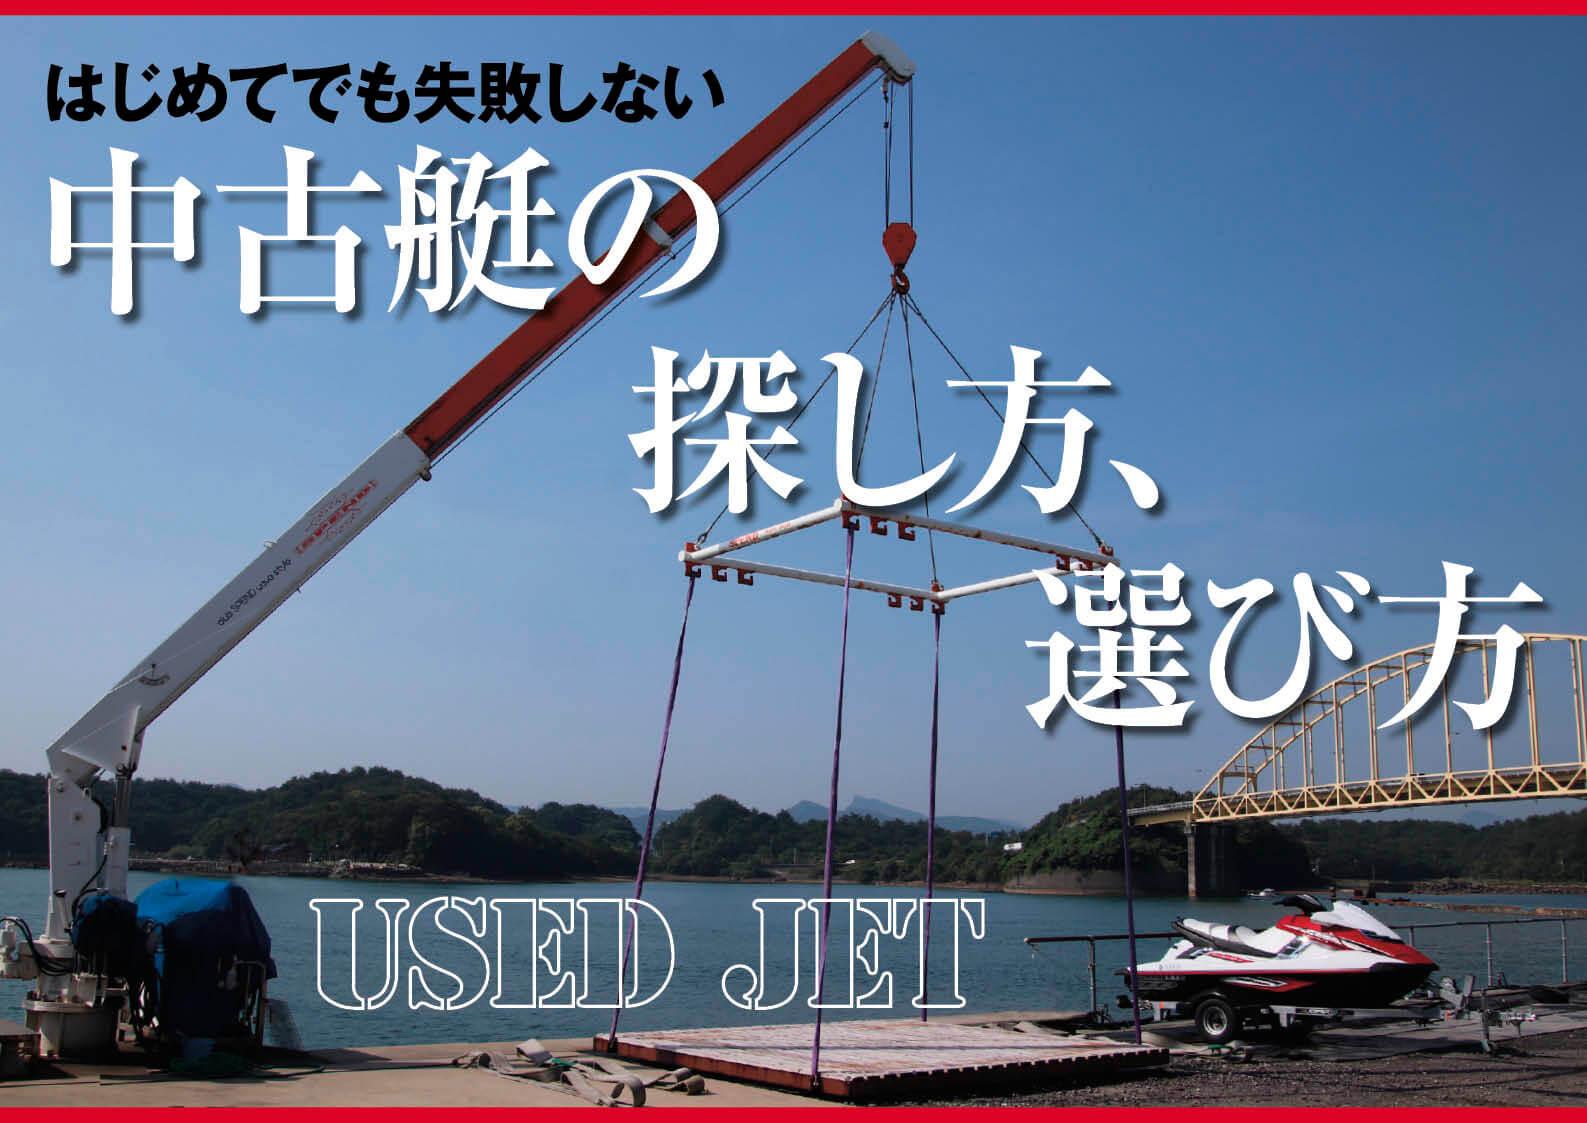 ジェットスキー 初めてでも失敗しない  中古艇の探し方 1 (1/3)(水上バイク)